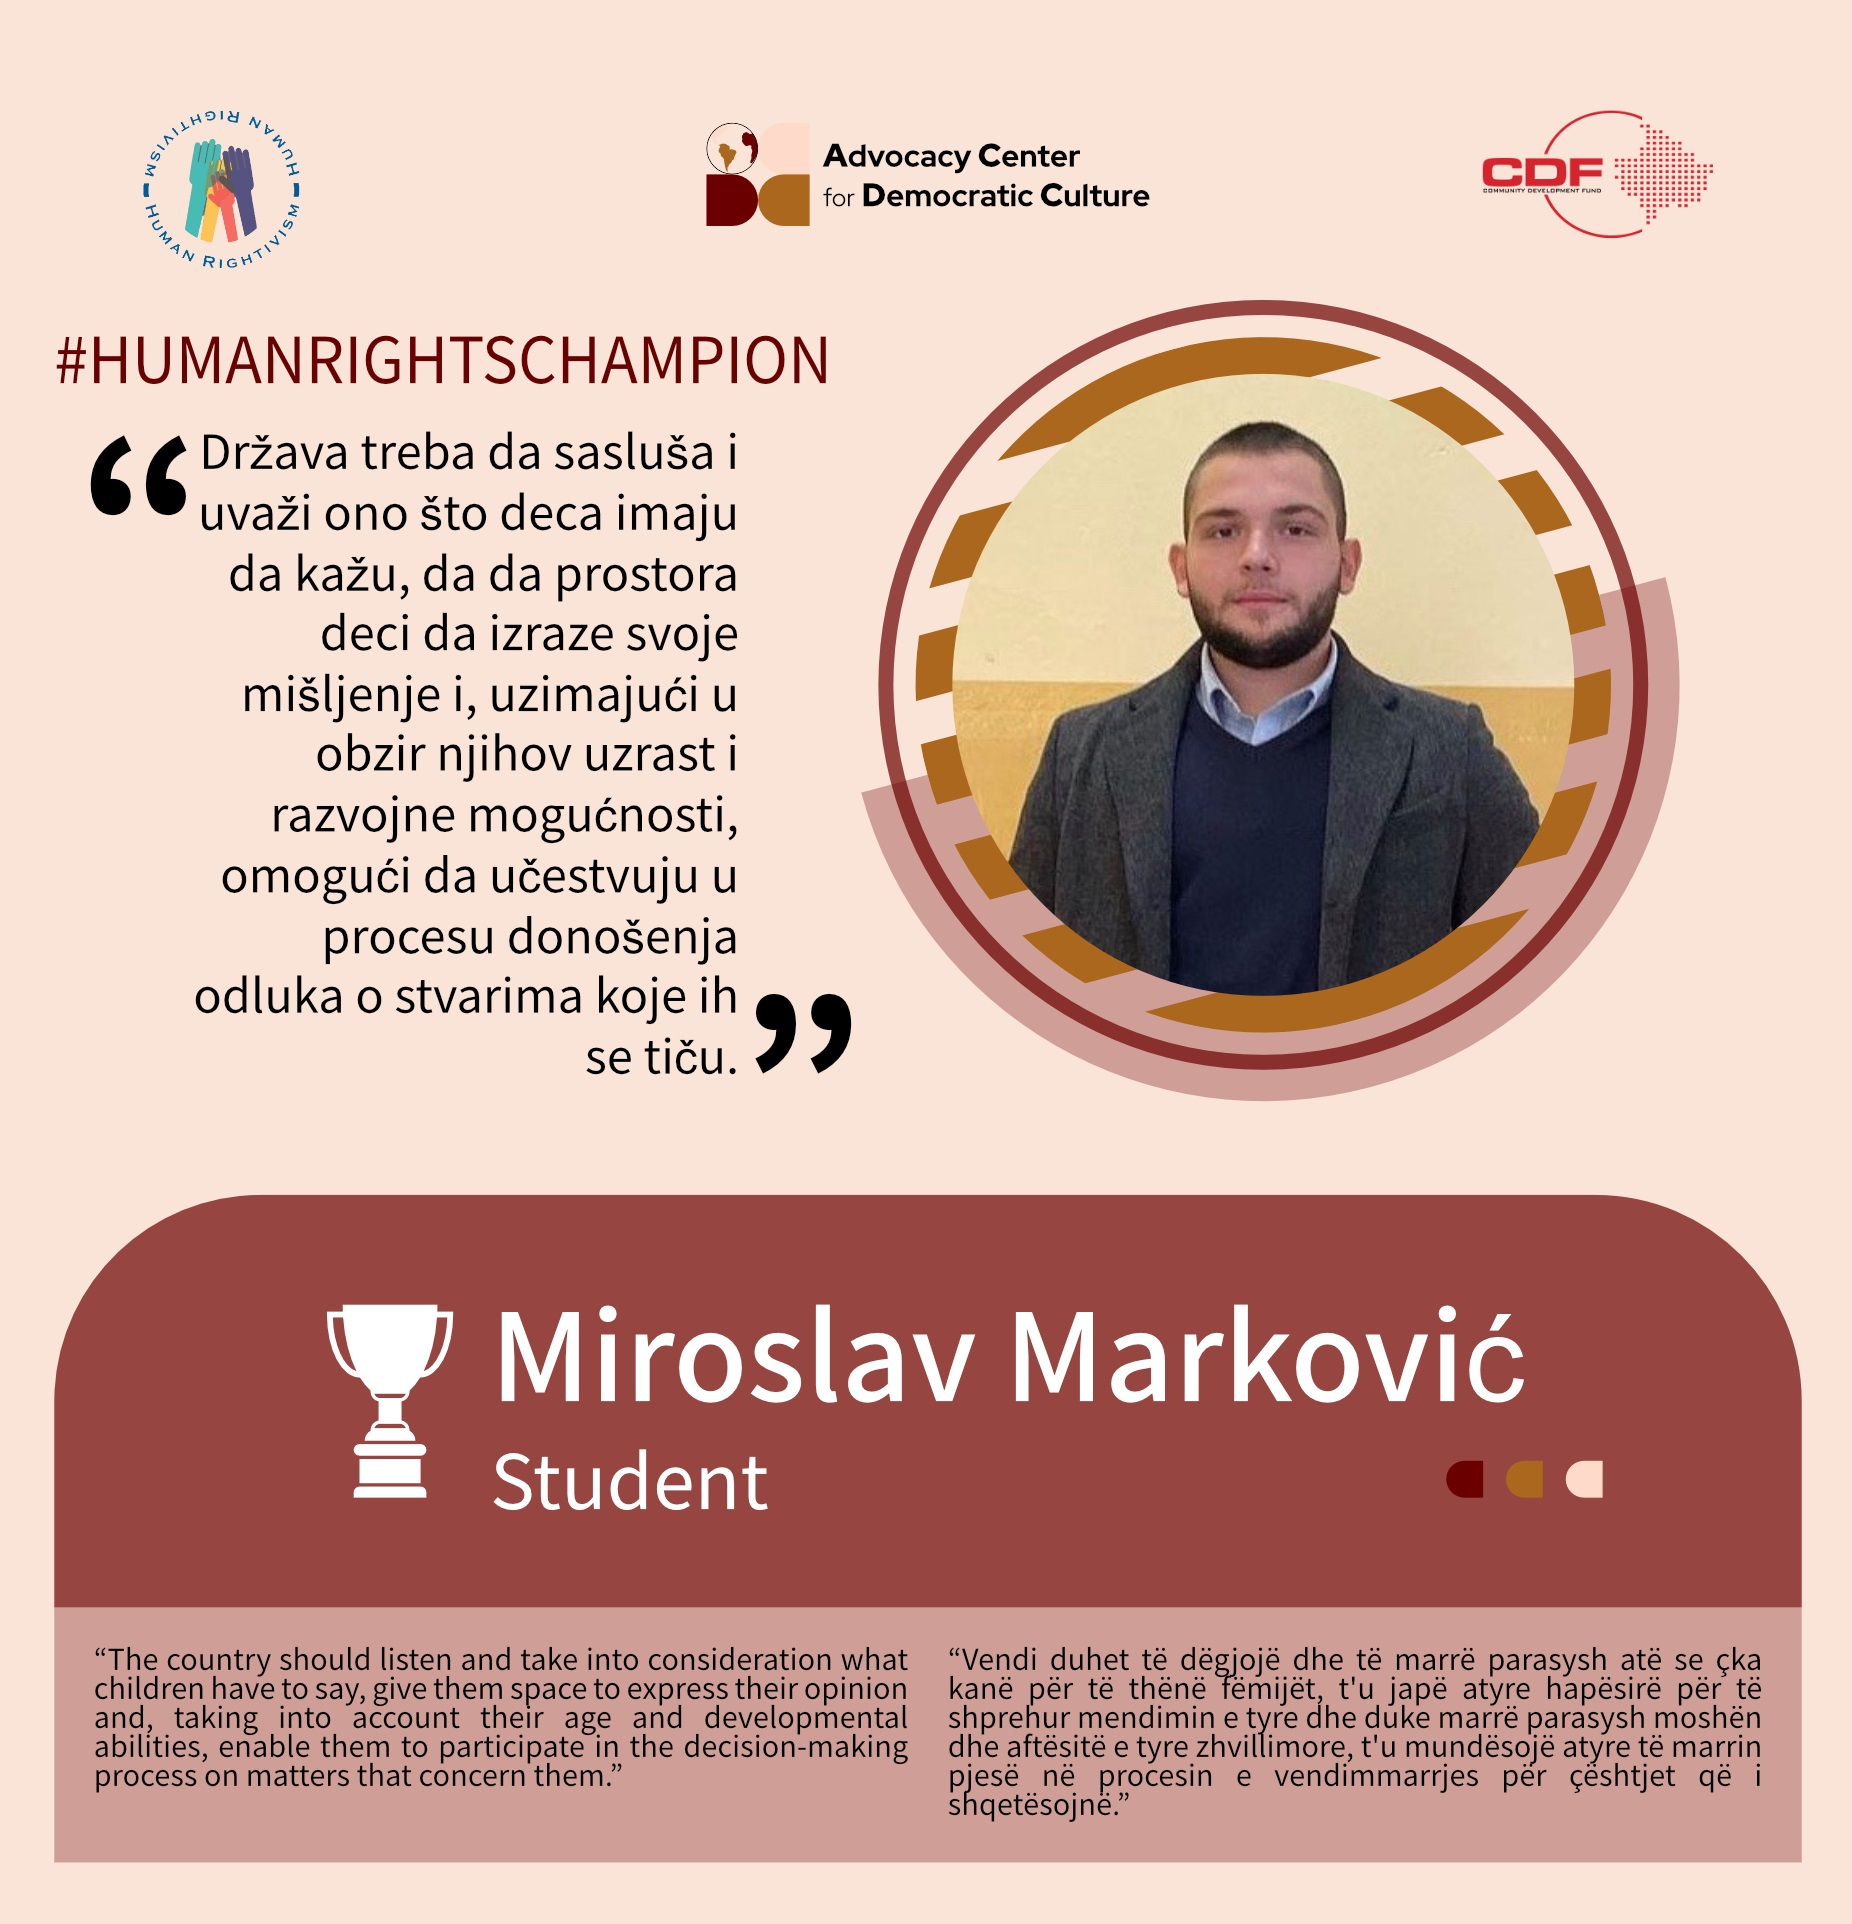 fushata-per-promovimin-e-te-drejtave-te-njeriut-humanrightschampion-miroslav-markoviq